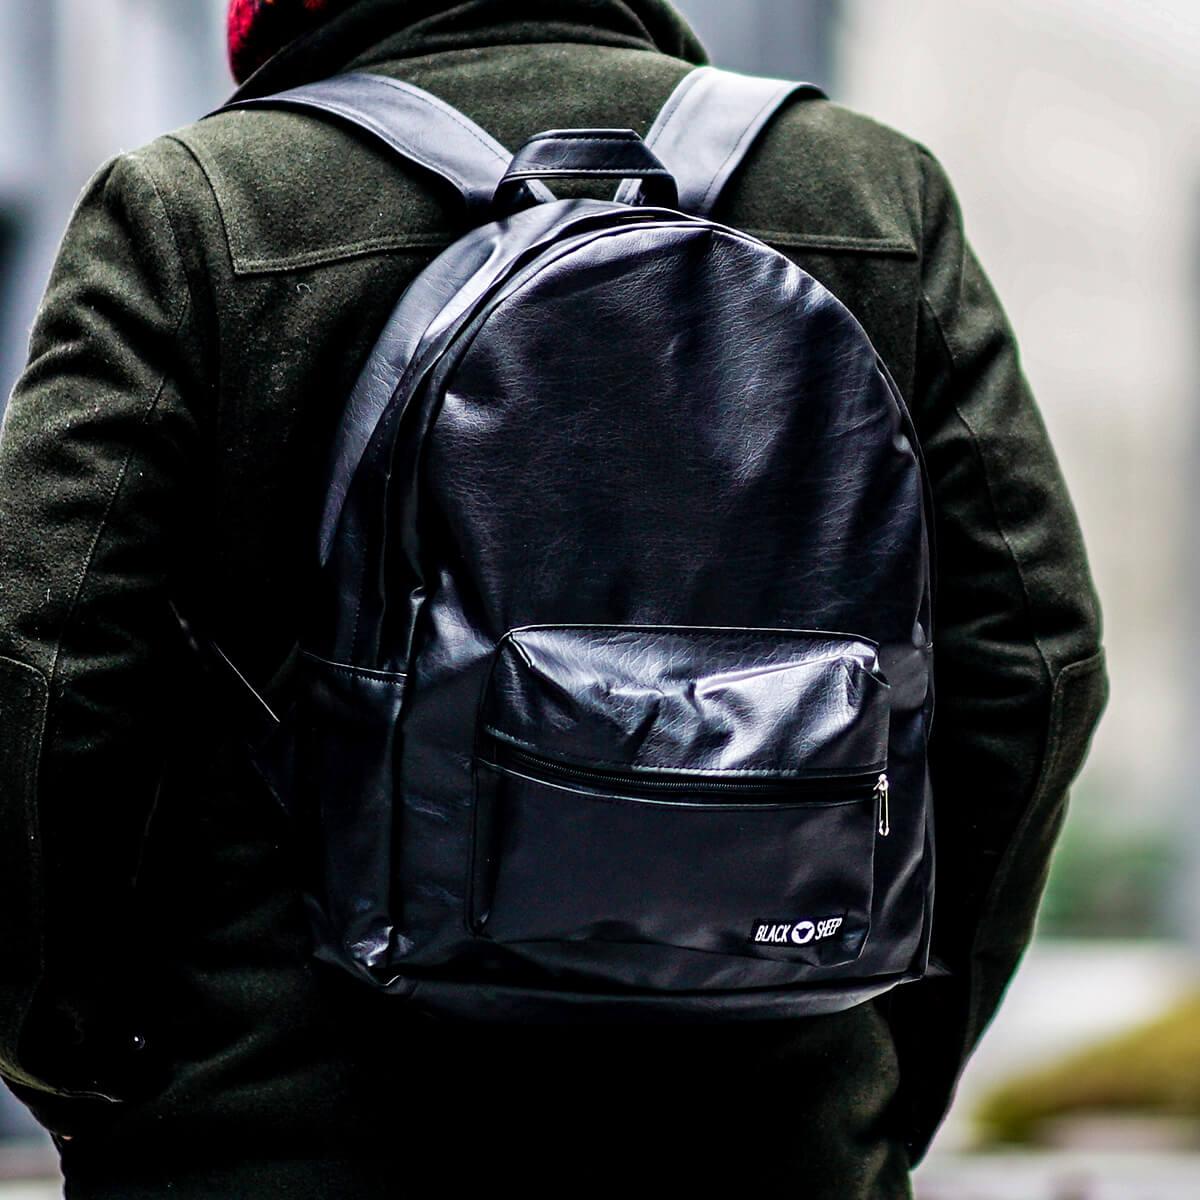 78b8002ebb447 Tanie i modne plecaki młodzieżowe, szkolne dla nastolatków - Brytyjka